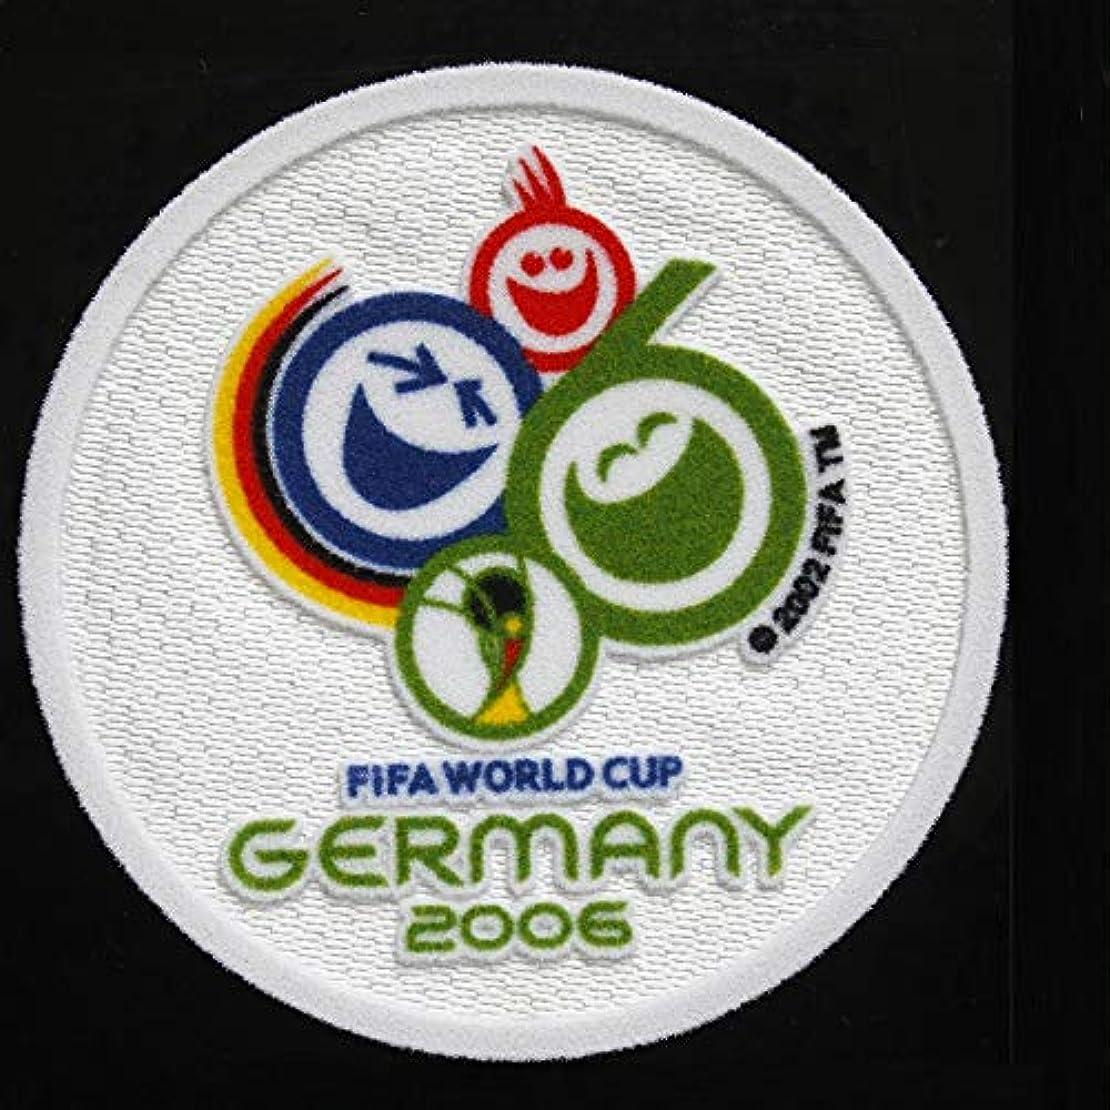 一般共役猛烈な2006年ドイツワールドカップFIFA W杯ワッペンユニフォーム用 アイロンワッペン半袖シャツ長袖サッカー応援グッズWC仕様パッチ(2006年 1枚)